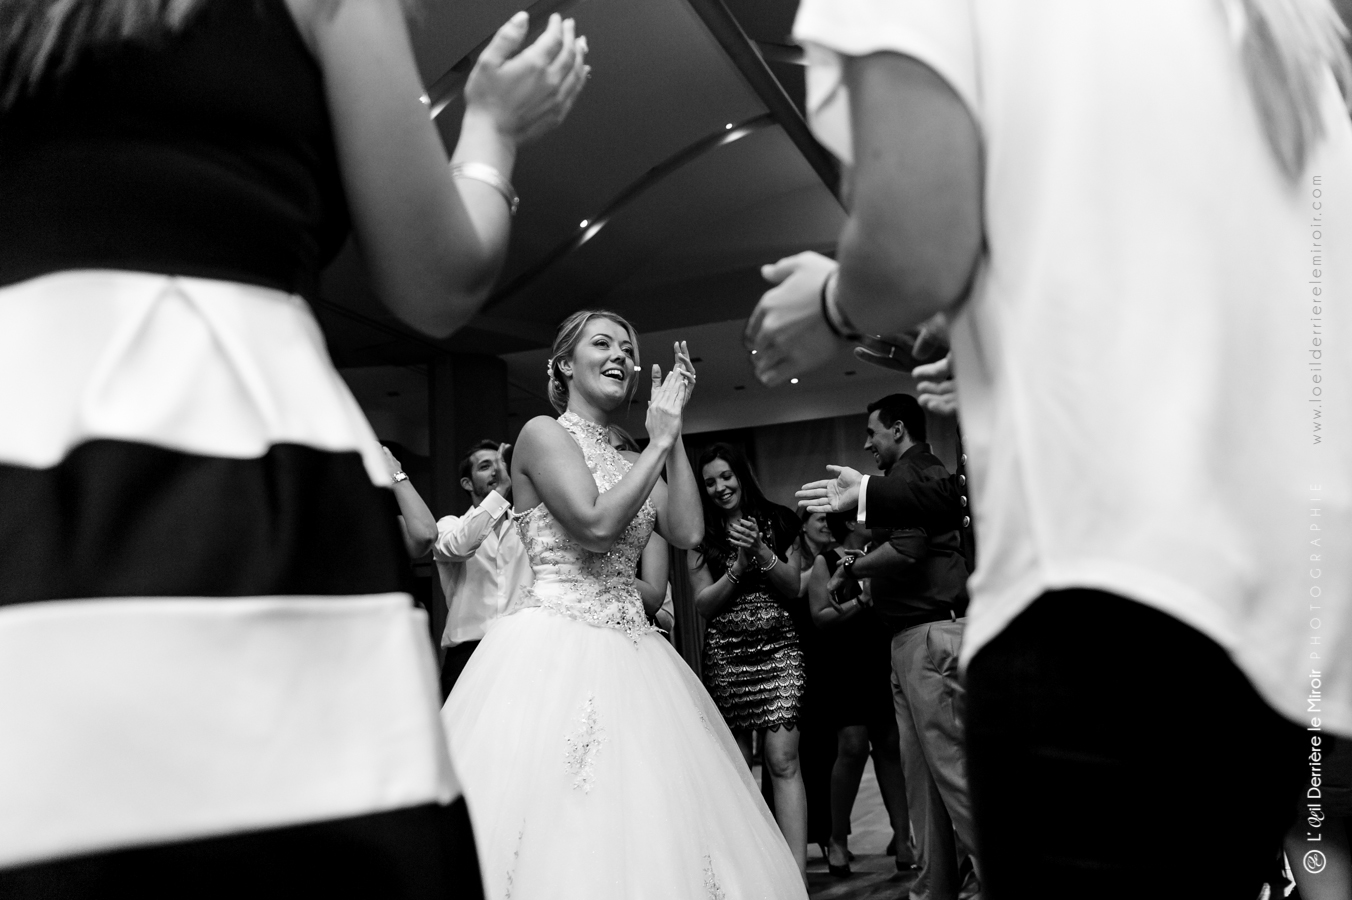 Photographe-mariage-monaco-loeilderrierelemiroir-111